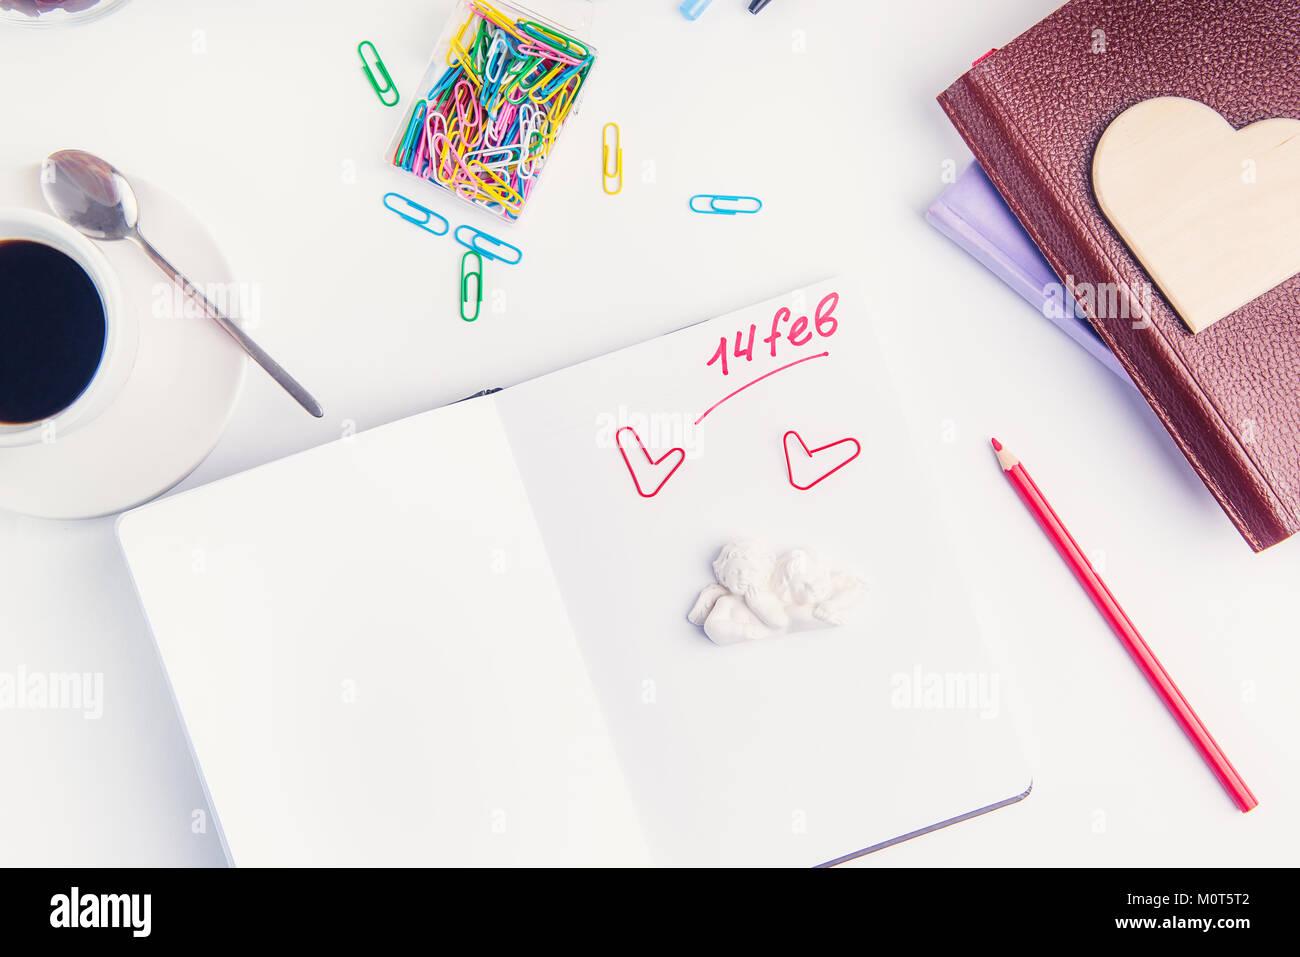 Rosso numero della grafia quattordici febbraio, San Valentino testo e angeli stauette su agenda elettronica personale sul luogo di lavoro. Il giorno di San Valentino il concetto di pianificazione. Messa a fuoco selettiva. Foto Stock